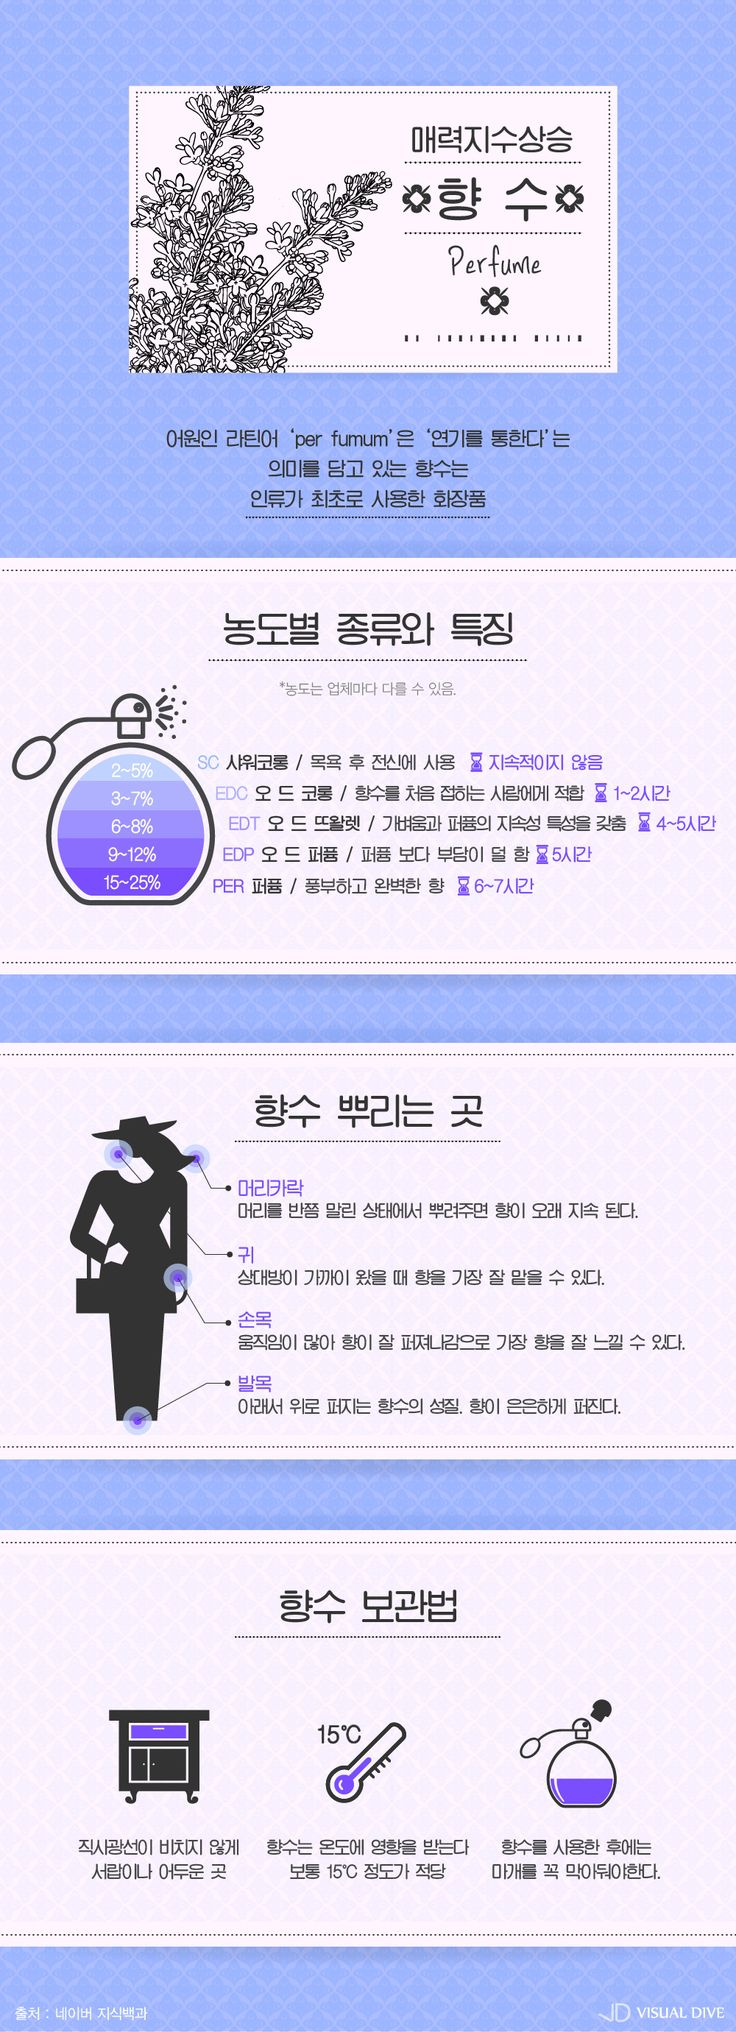 매력적인 나로 돋보이게 하는 '향수' [인포그래픽 ]#Perfume / #Infographic ⓒ 비주얼다이브 무단 복사·전재·재배포 금지